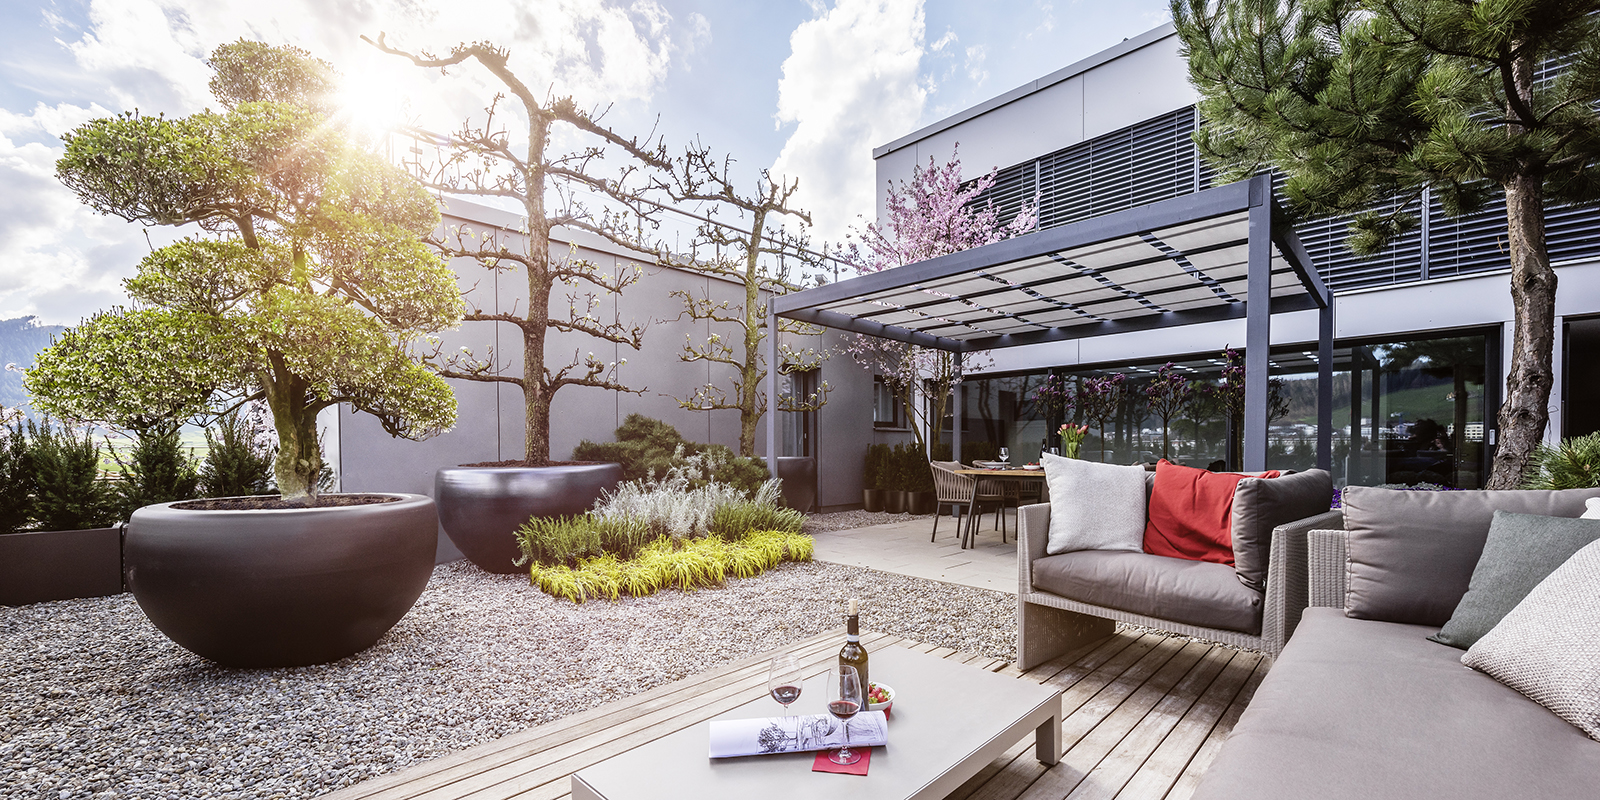 Romantische villa | Wolfs Architecten